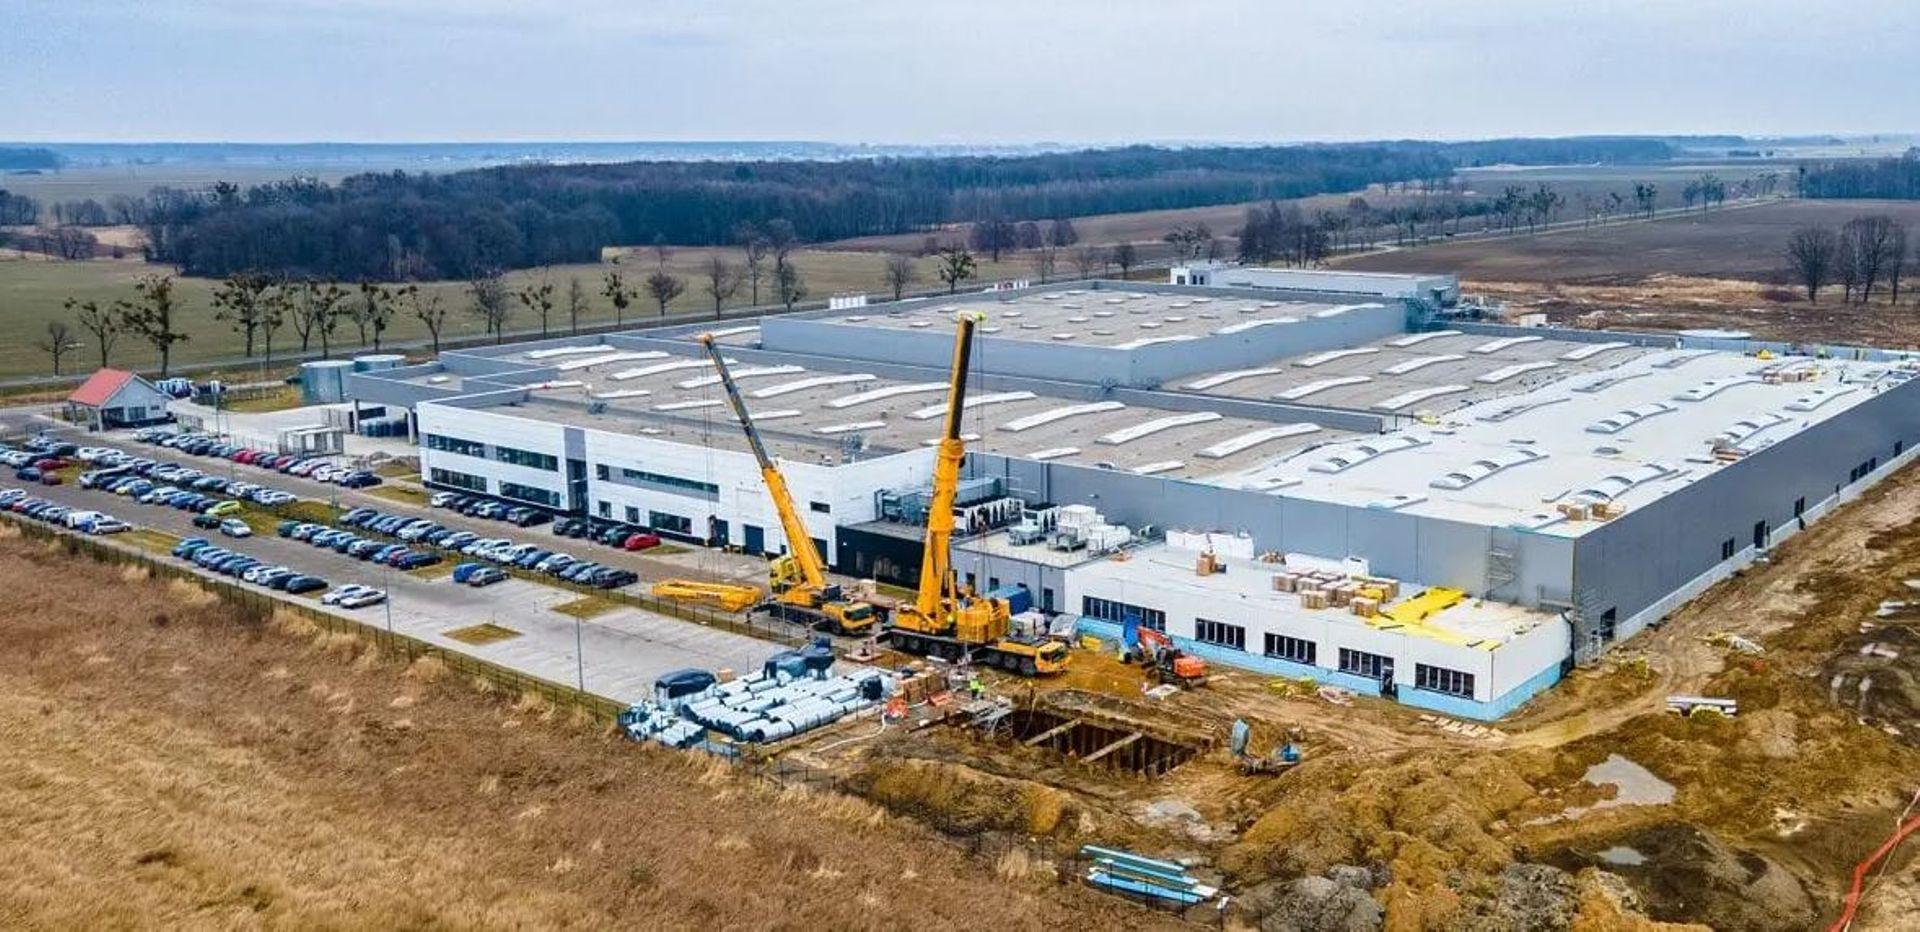 Dolny Śląsk: Niemiecka firma Eberspächer rozbudowała po raz kolejny fabrykę pod Oławą